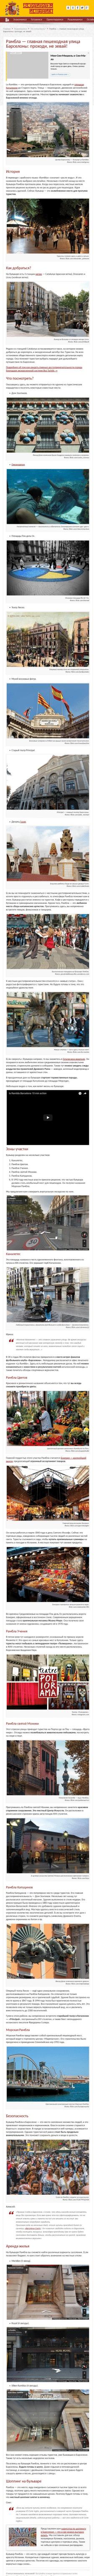 Рамбла — главная пешеходная улица Барселоны